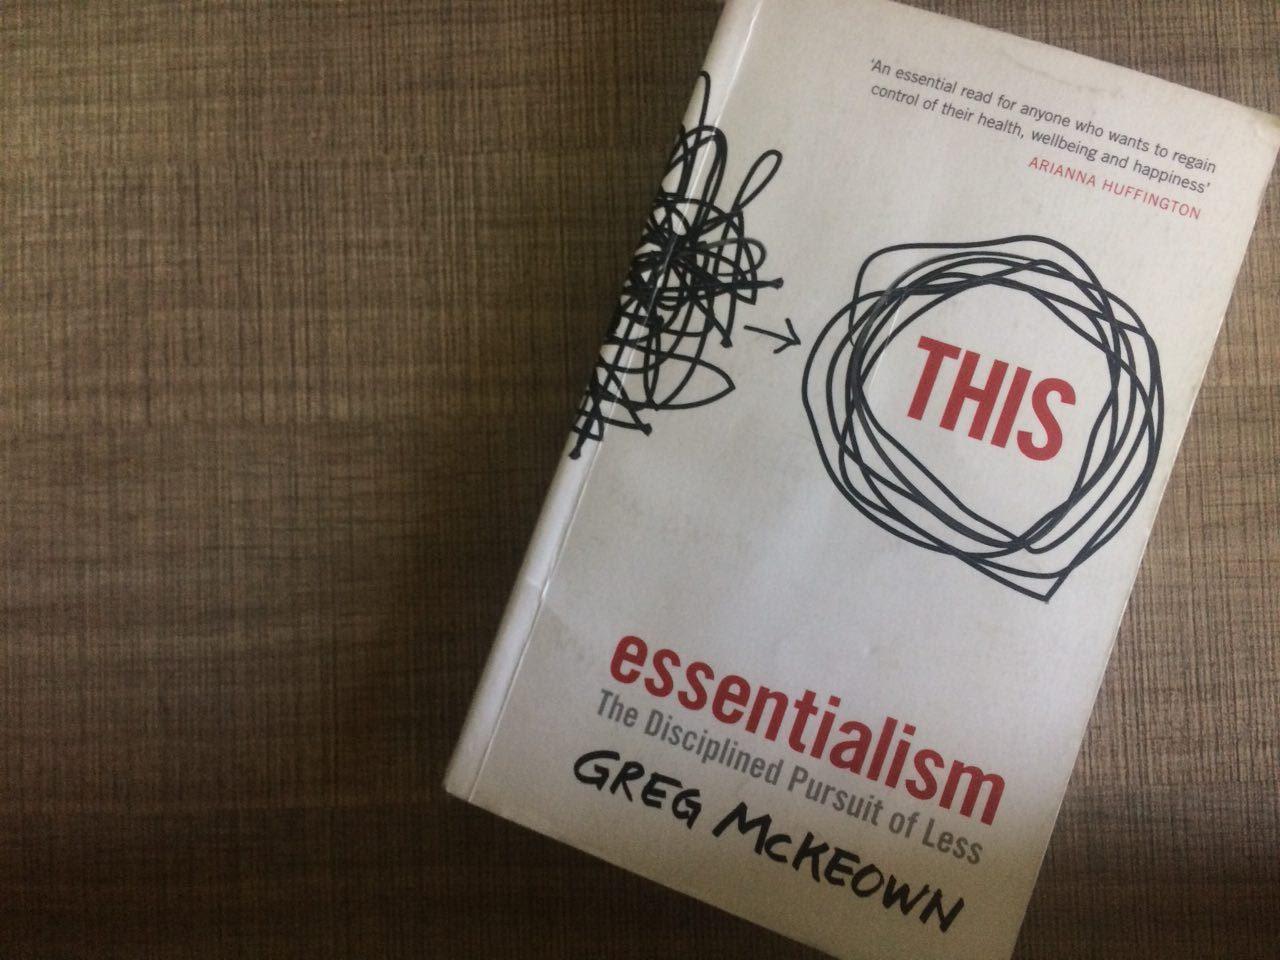 علیرضا پیر - خلاصه کتاب ضرورت گرایی (Essentialism) – فصل اول